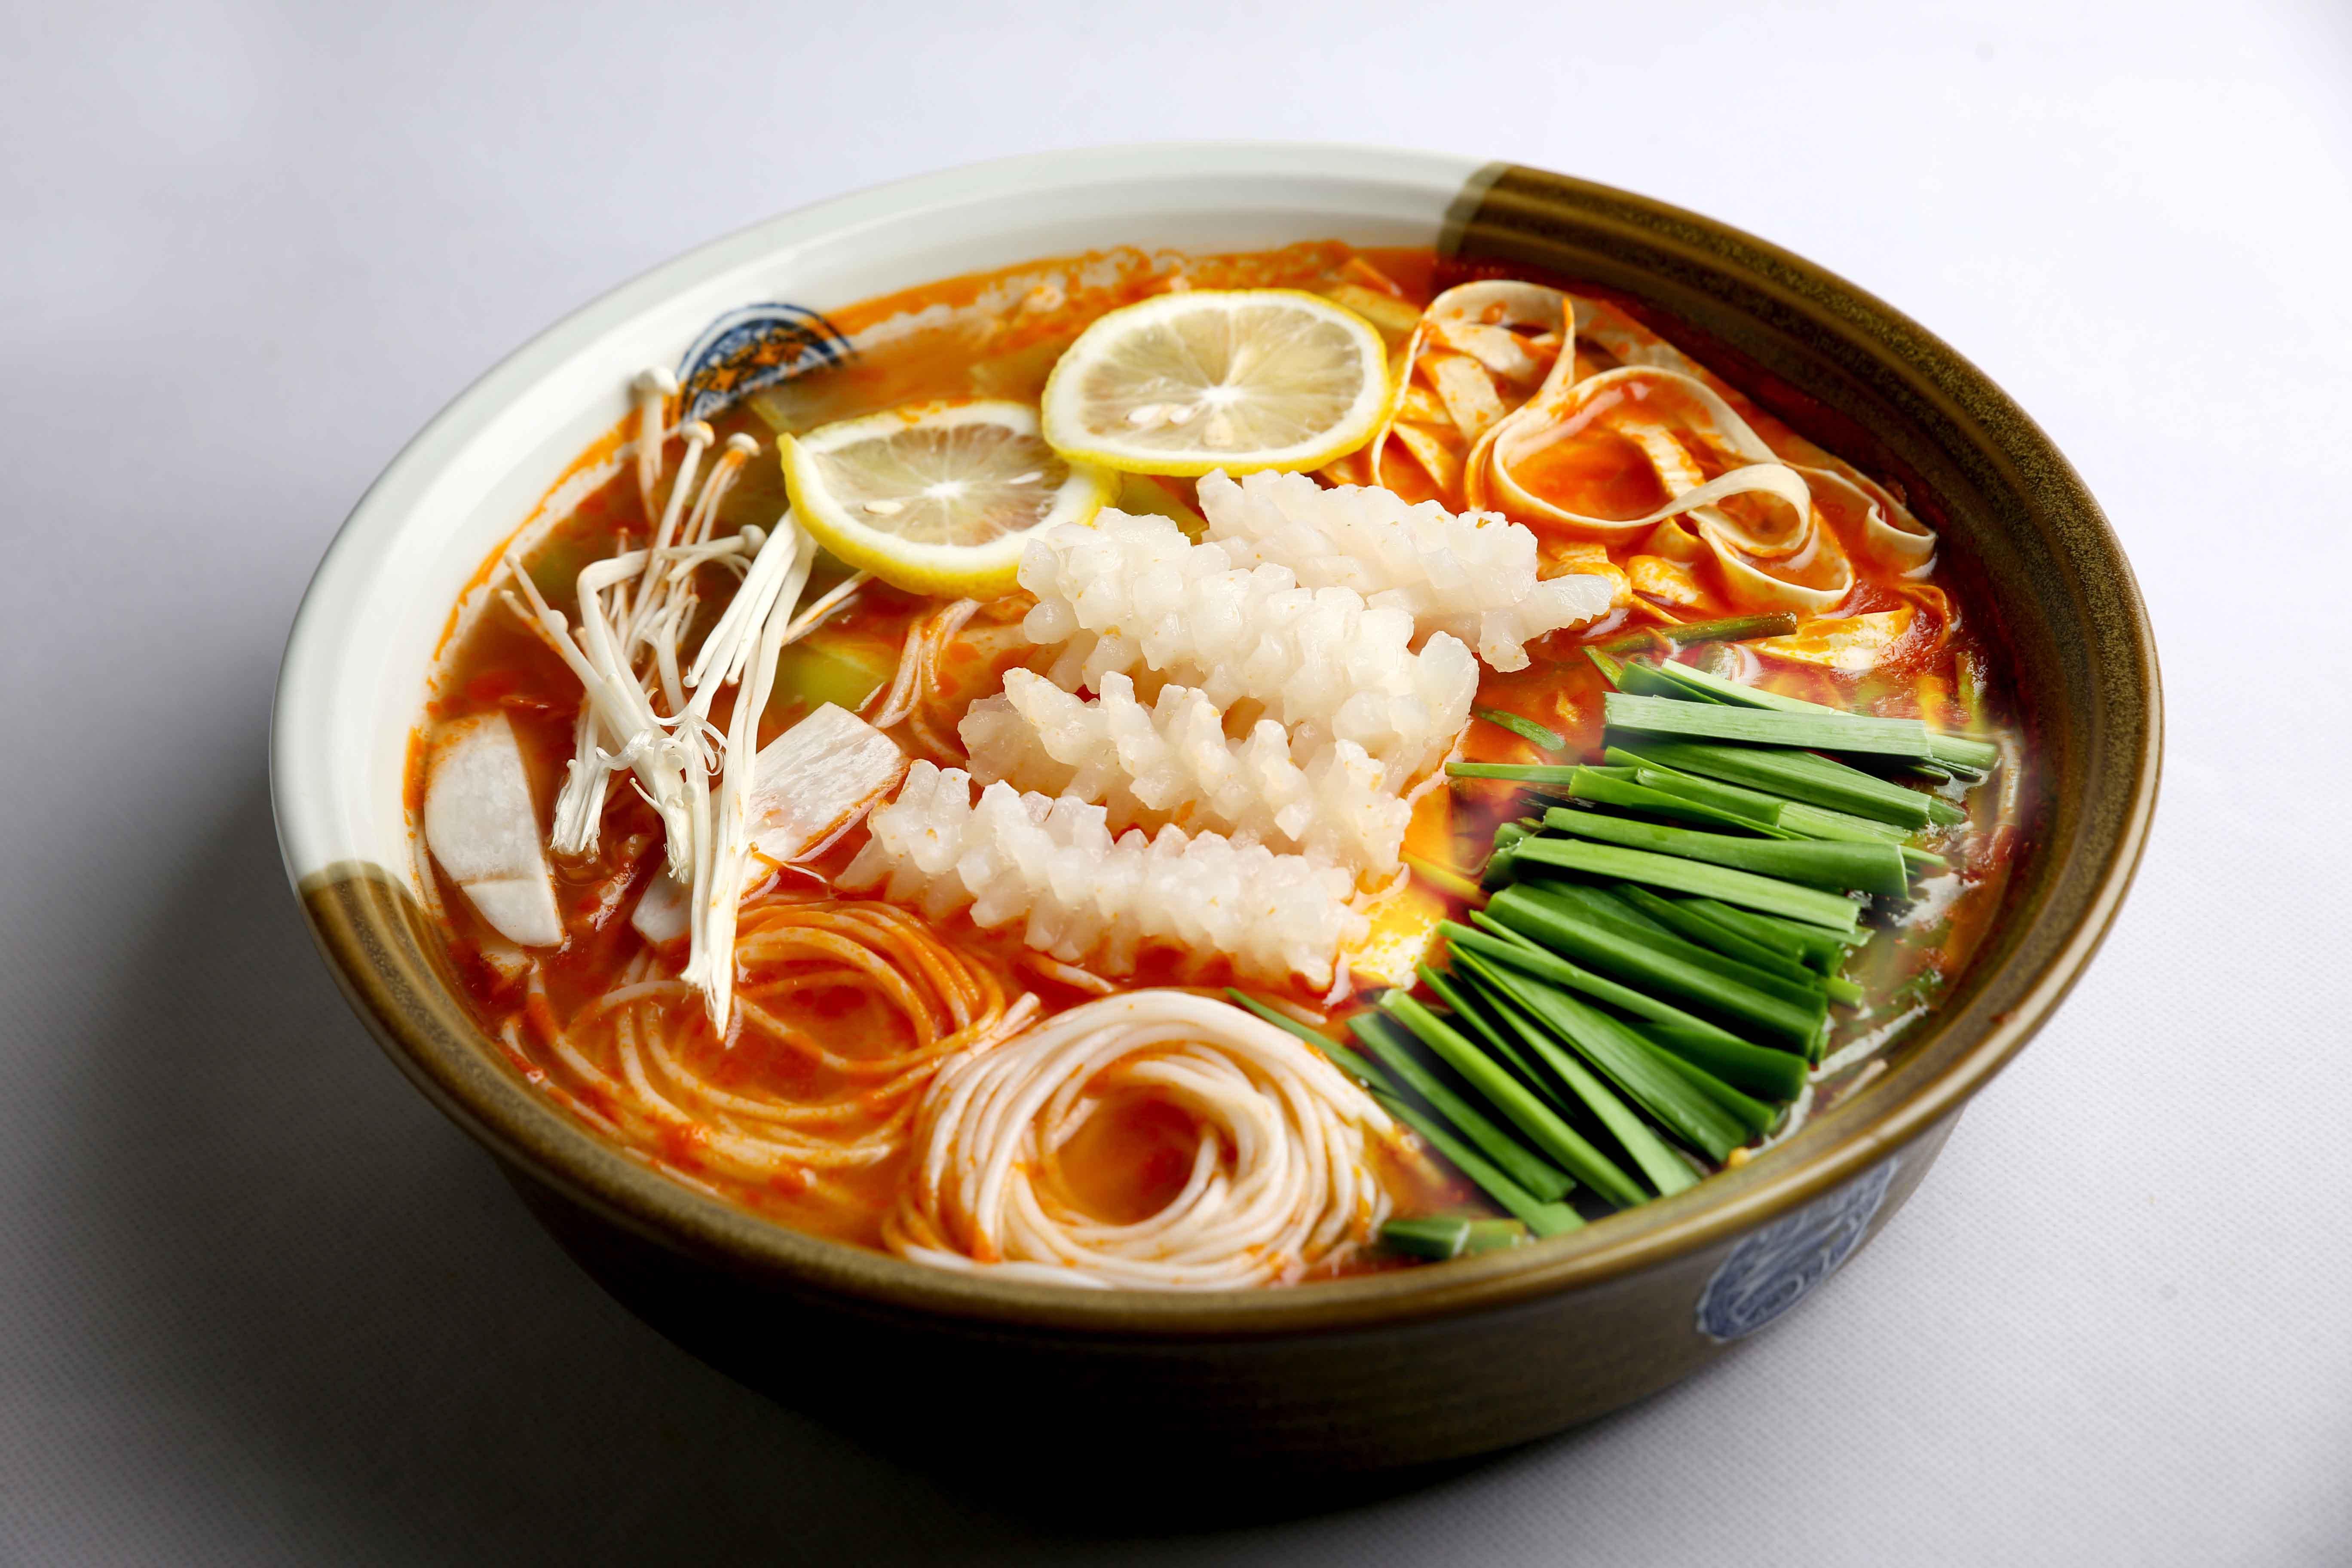 火锅与米线的完美搭配,不一样的味觉体验